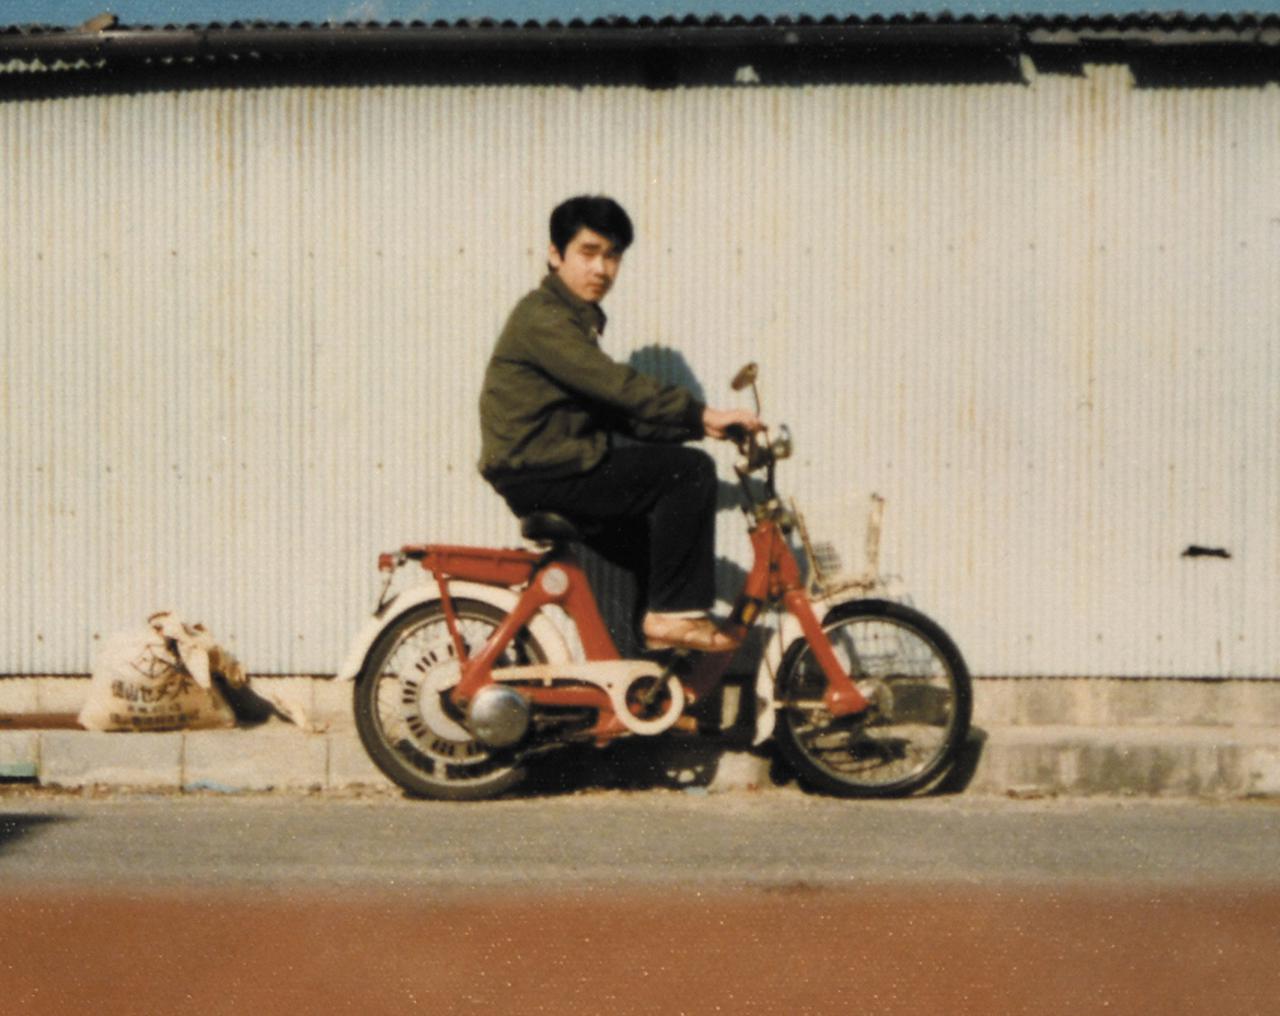 画像: 大阪のバーテンダー時代に乗っていたリトルホンダP25。ペダルで自走もできるモペットタイプで、1966年の発売当時の新車価格は2万9800円。パンクして「チューブも交換するから、修理代3000円」と言われたため、バイク屋さんに引き取ってもらった。